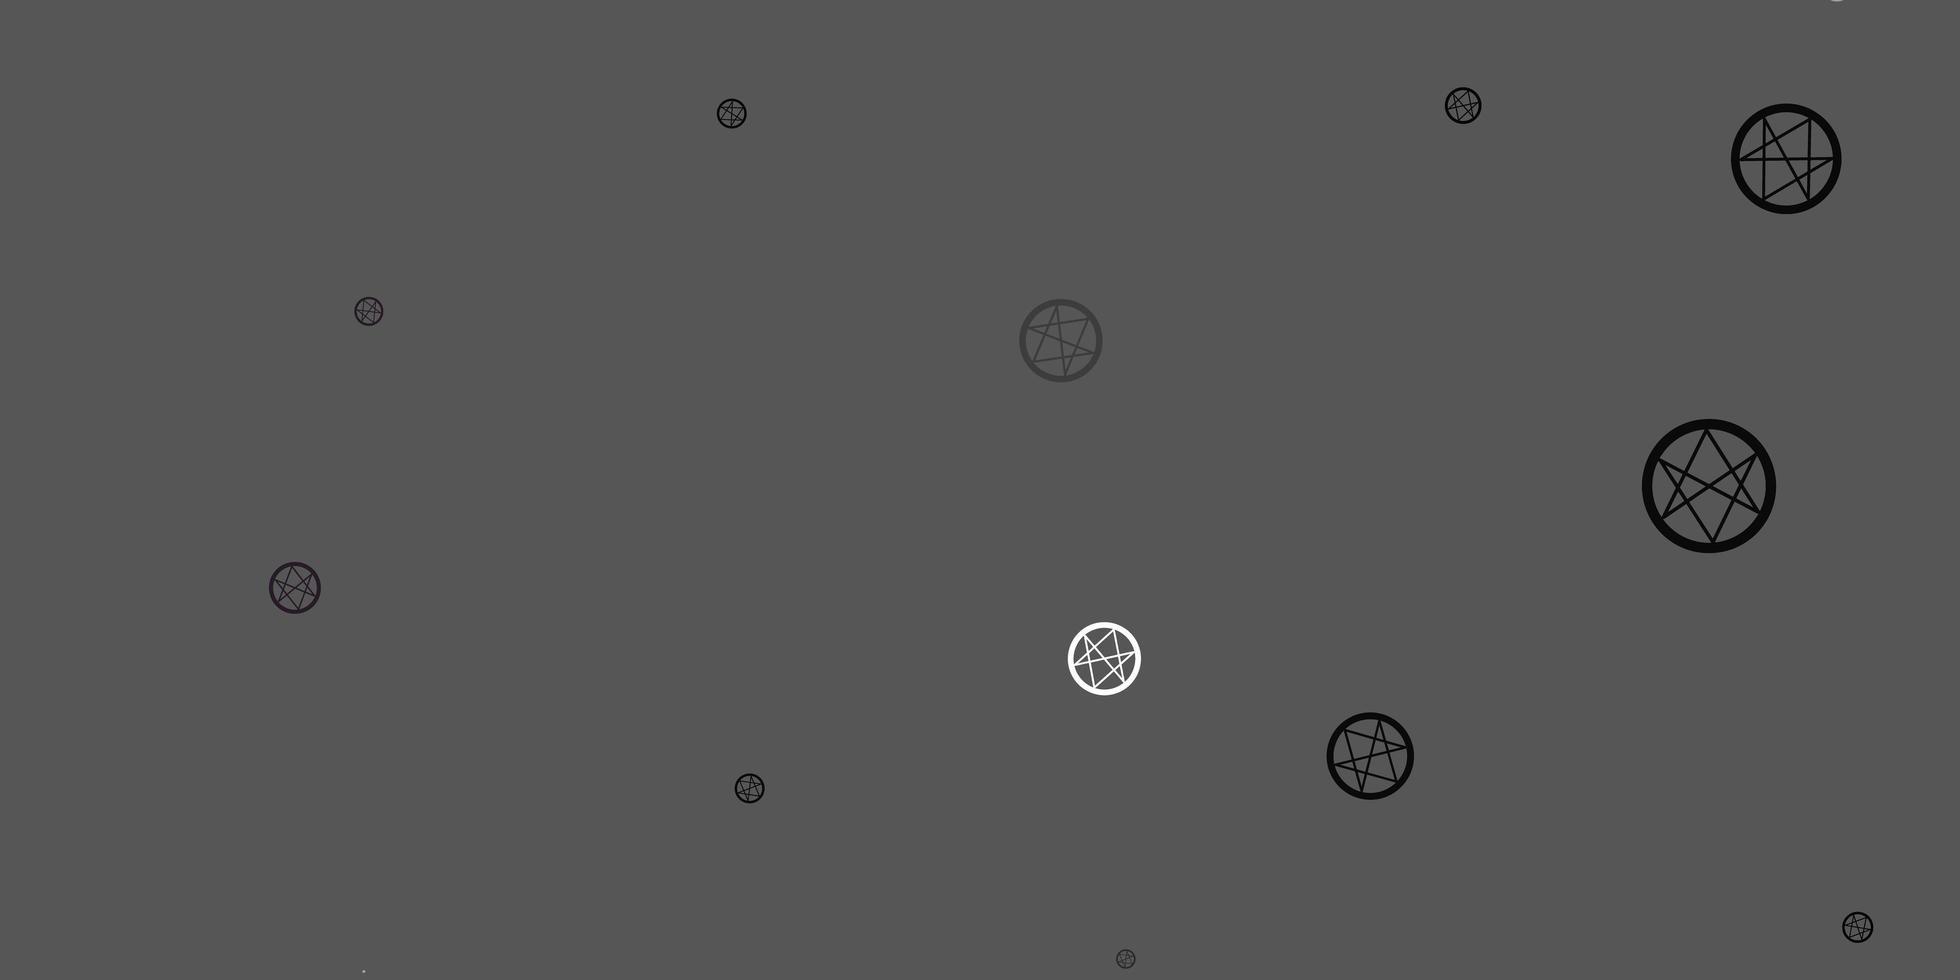 fundo cinza claro com símbolos ocultos. vetor